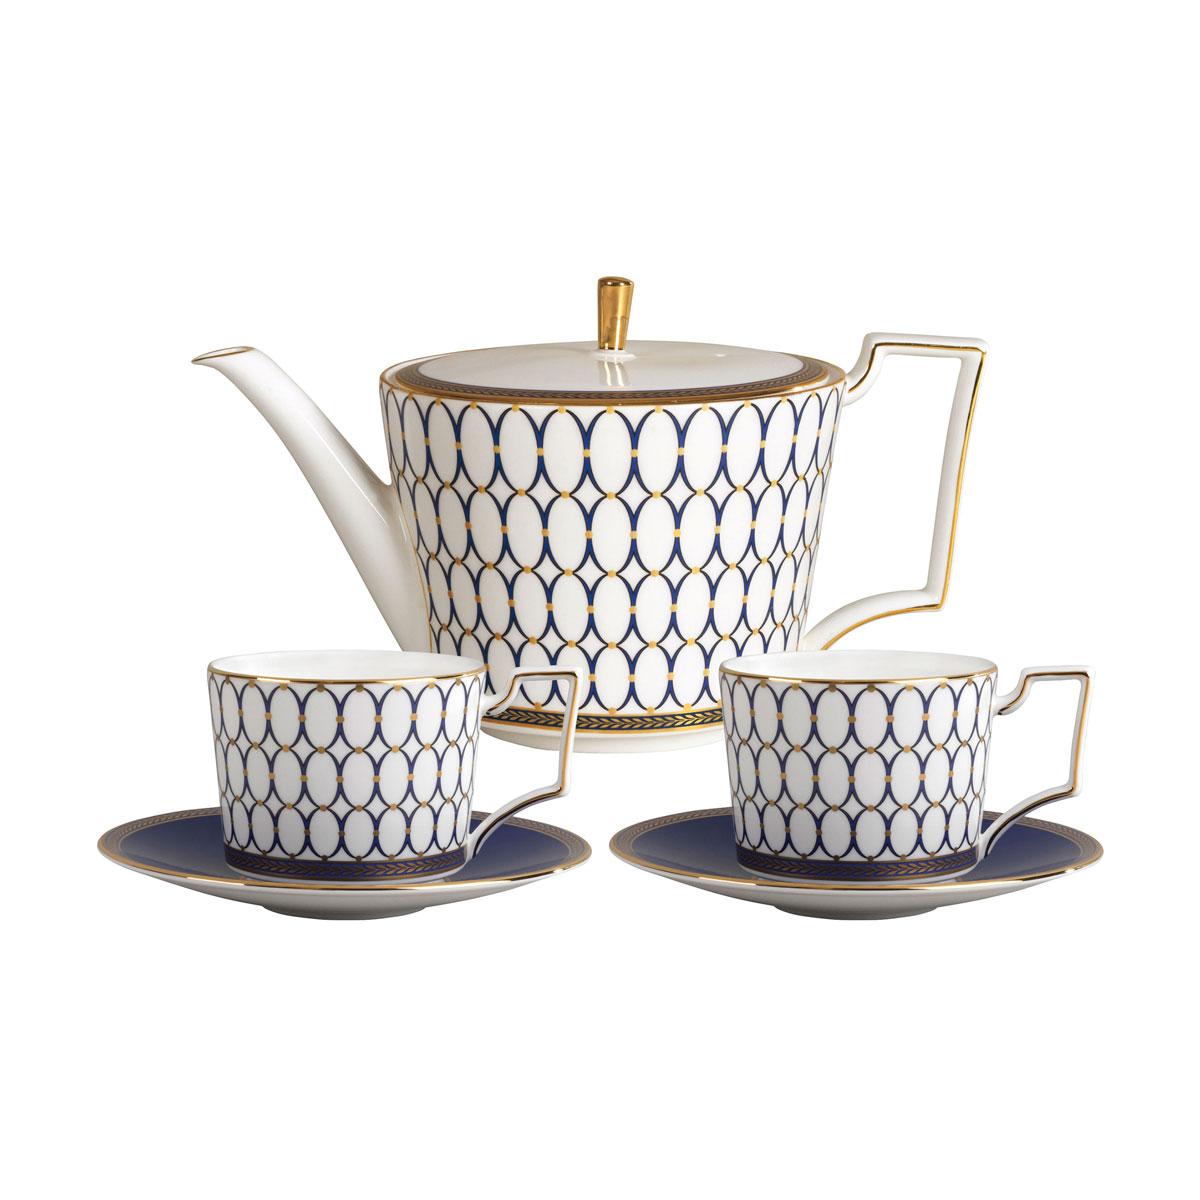 Wedgwood Renaissance Gold Tea Set